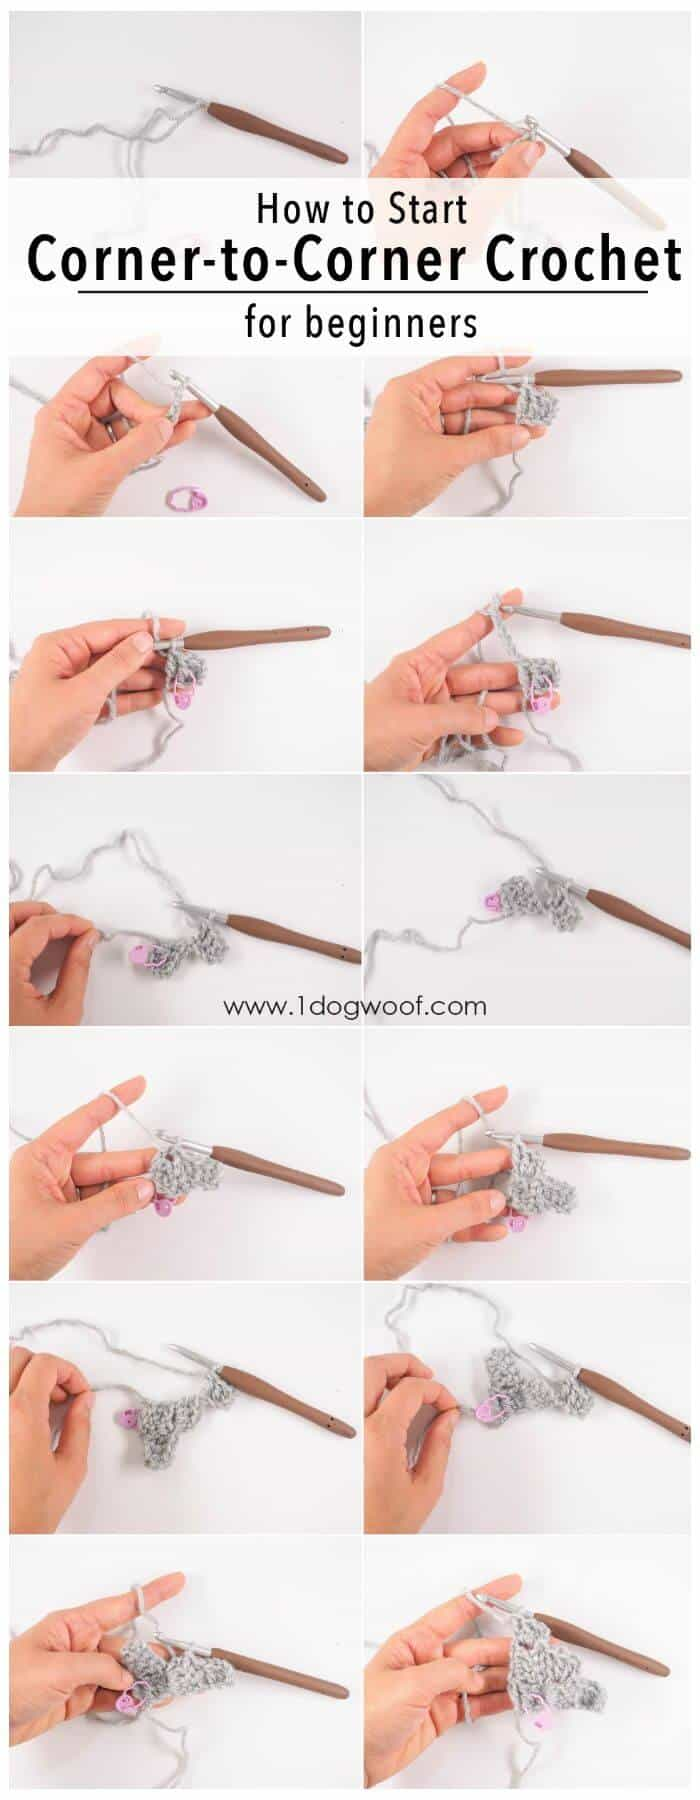 DIY Start Your Own C2C Para principiantes, ¡aprenda a tejer c2c en crochet!